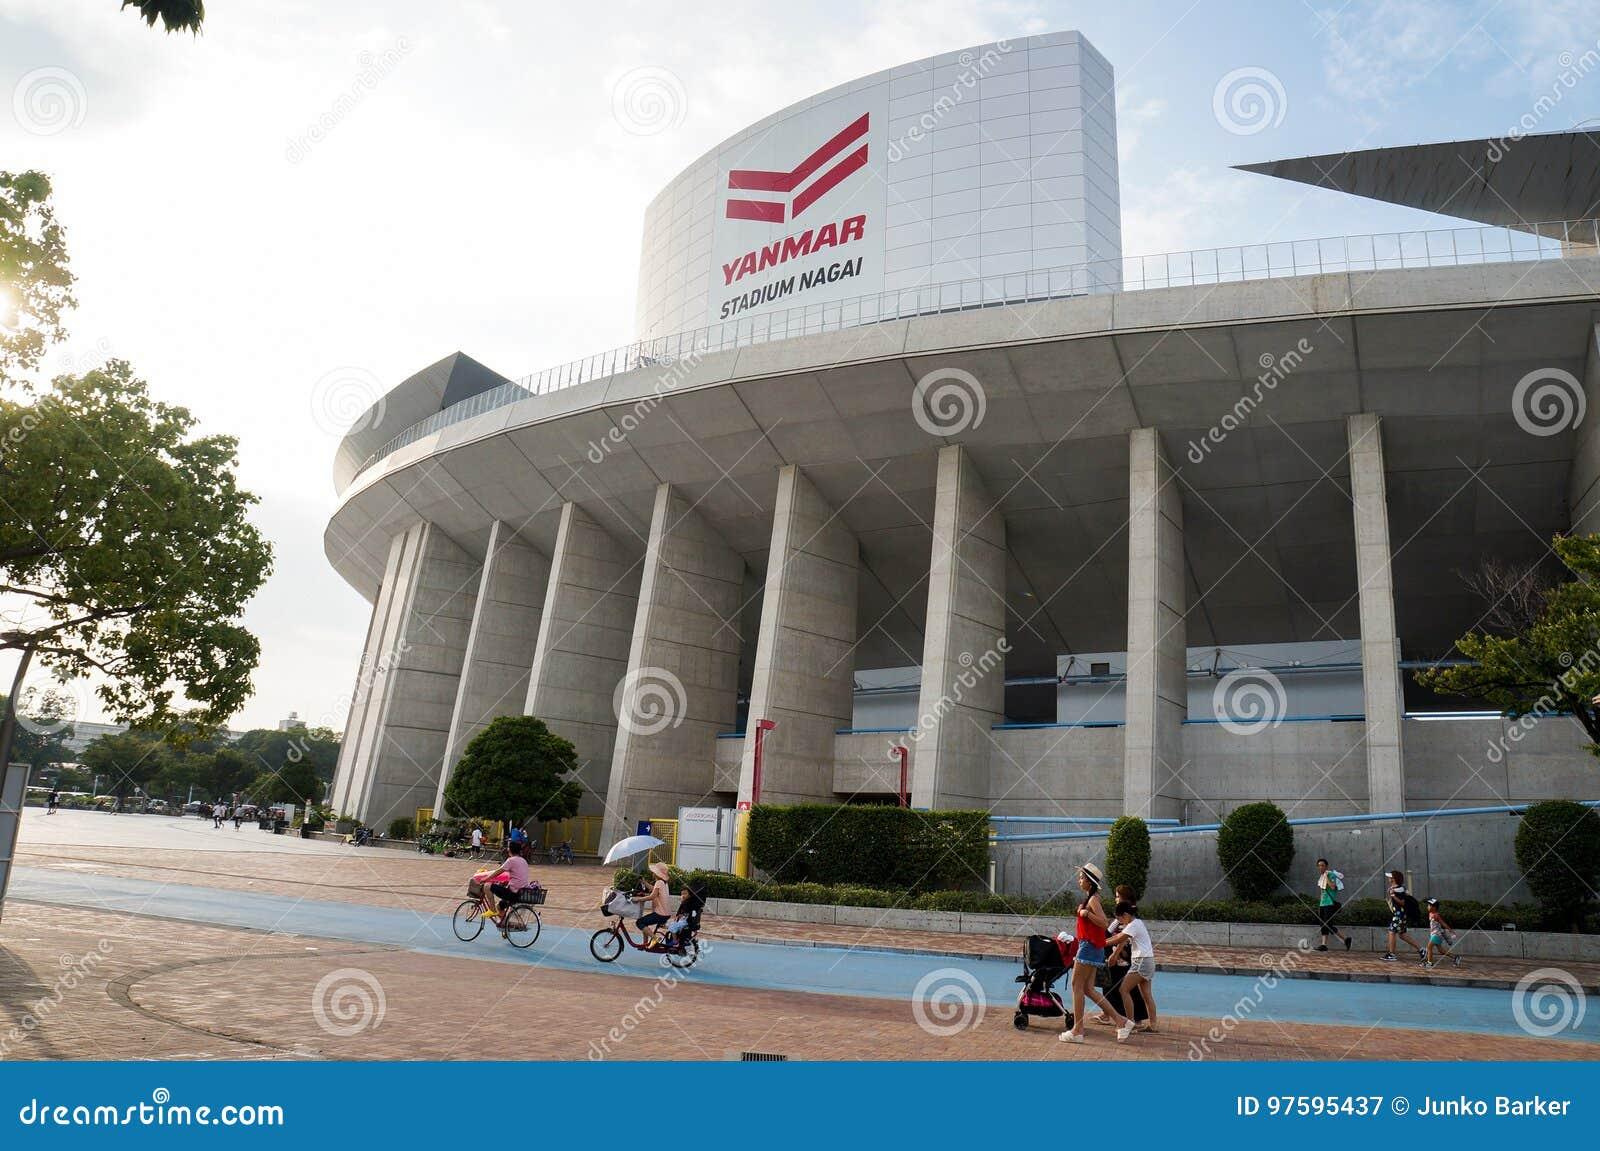 People Cycling, Walking Around Yanmar Stadium Nagai, Osaka